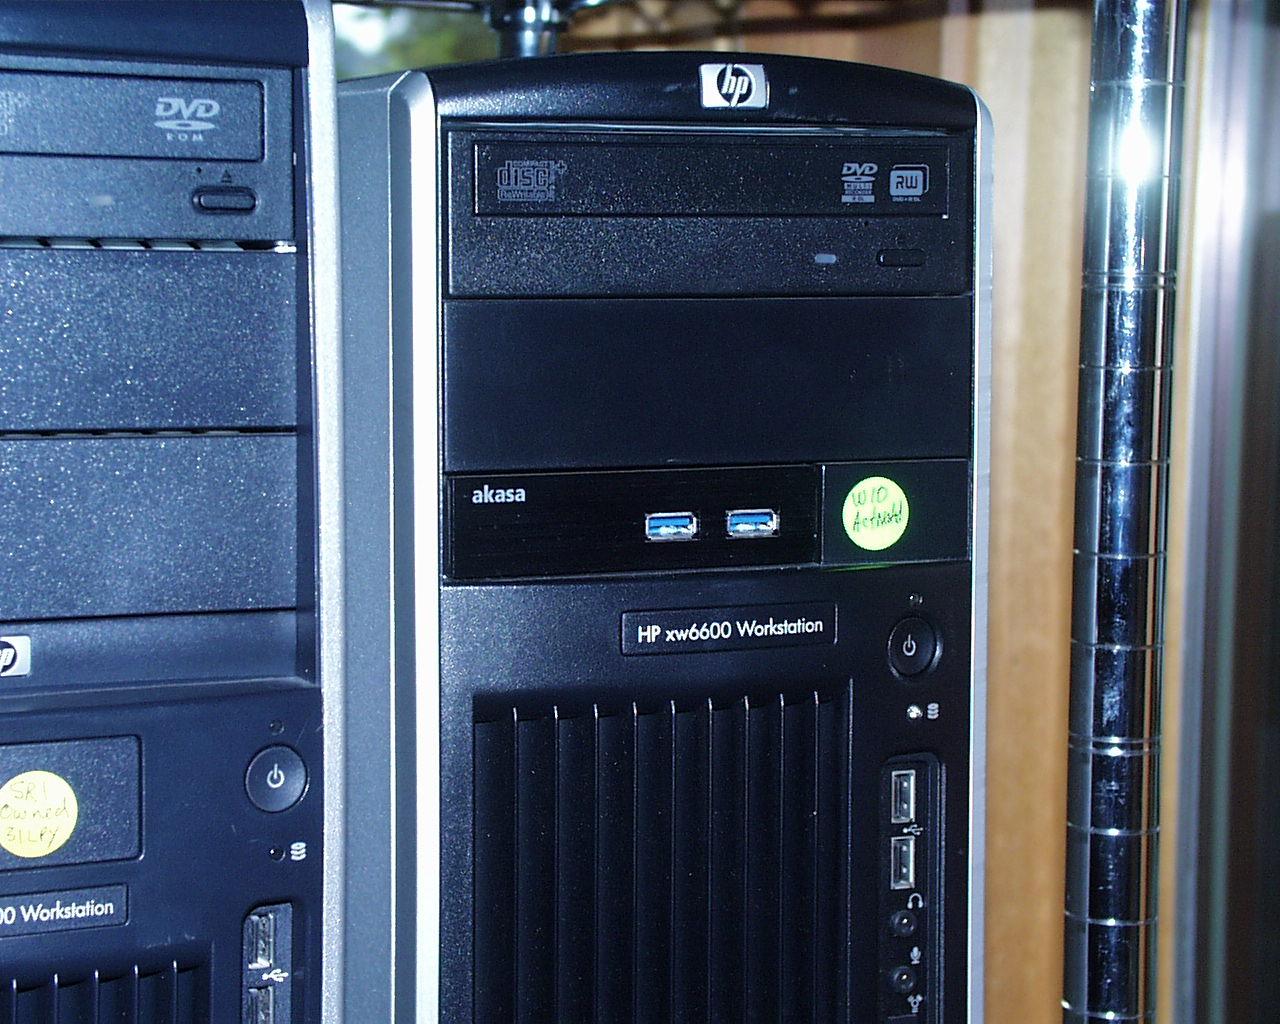 9 Front xw6600.JPG